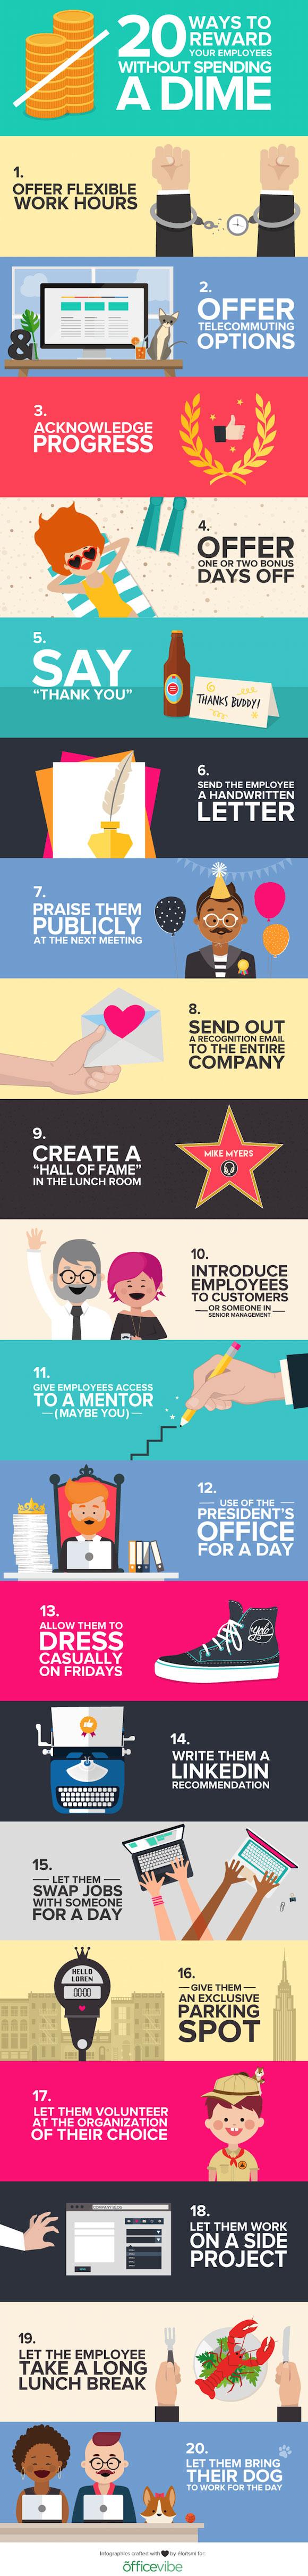 Infografik 20 Wege zur Steigerung der Arbeitsmotivation (Bild: OfficeVibe)